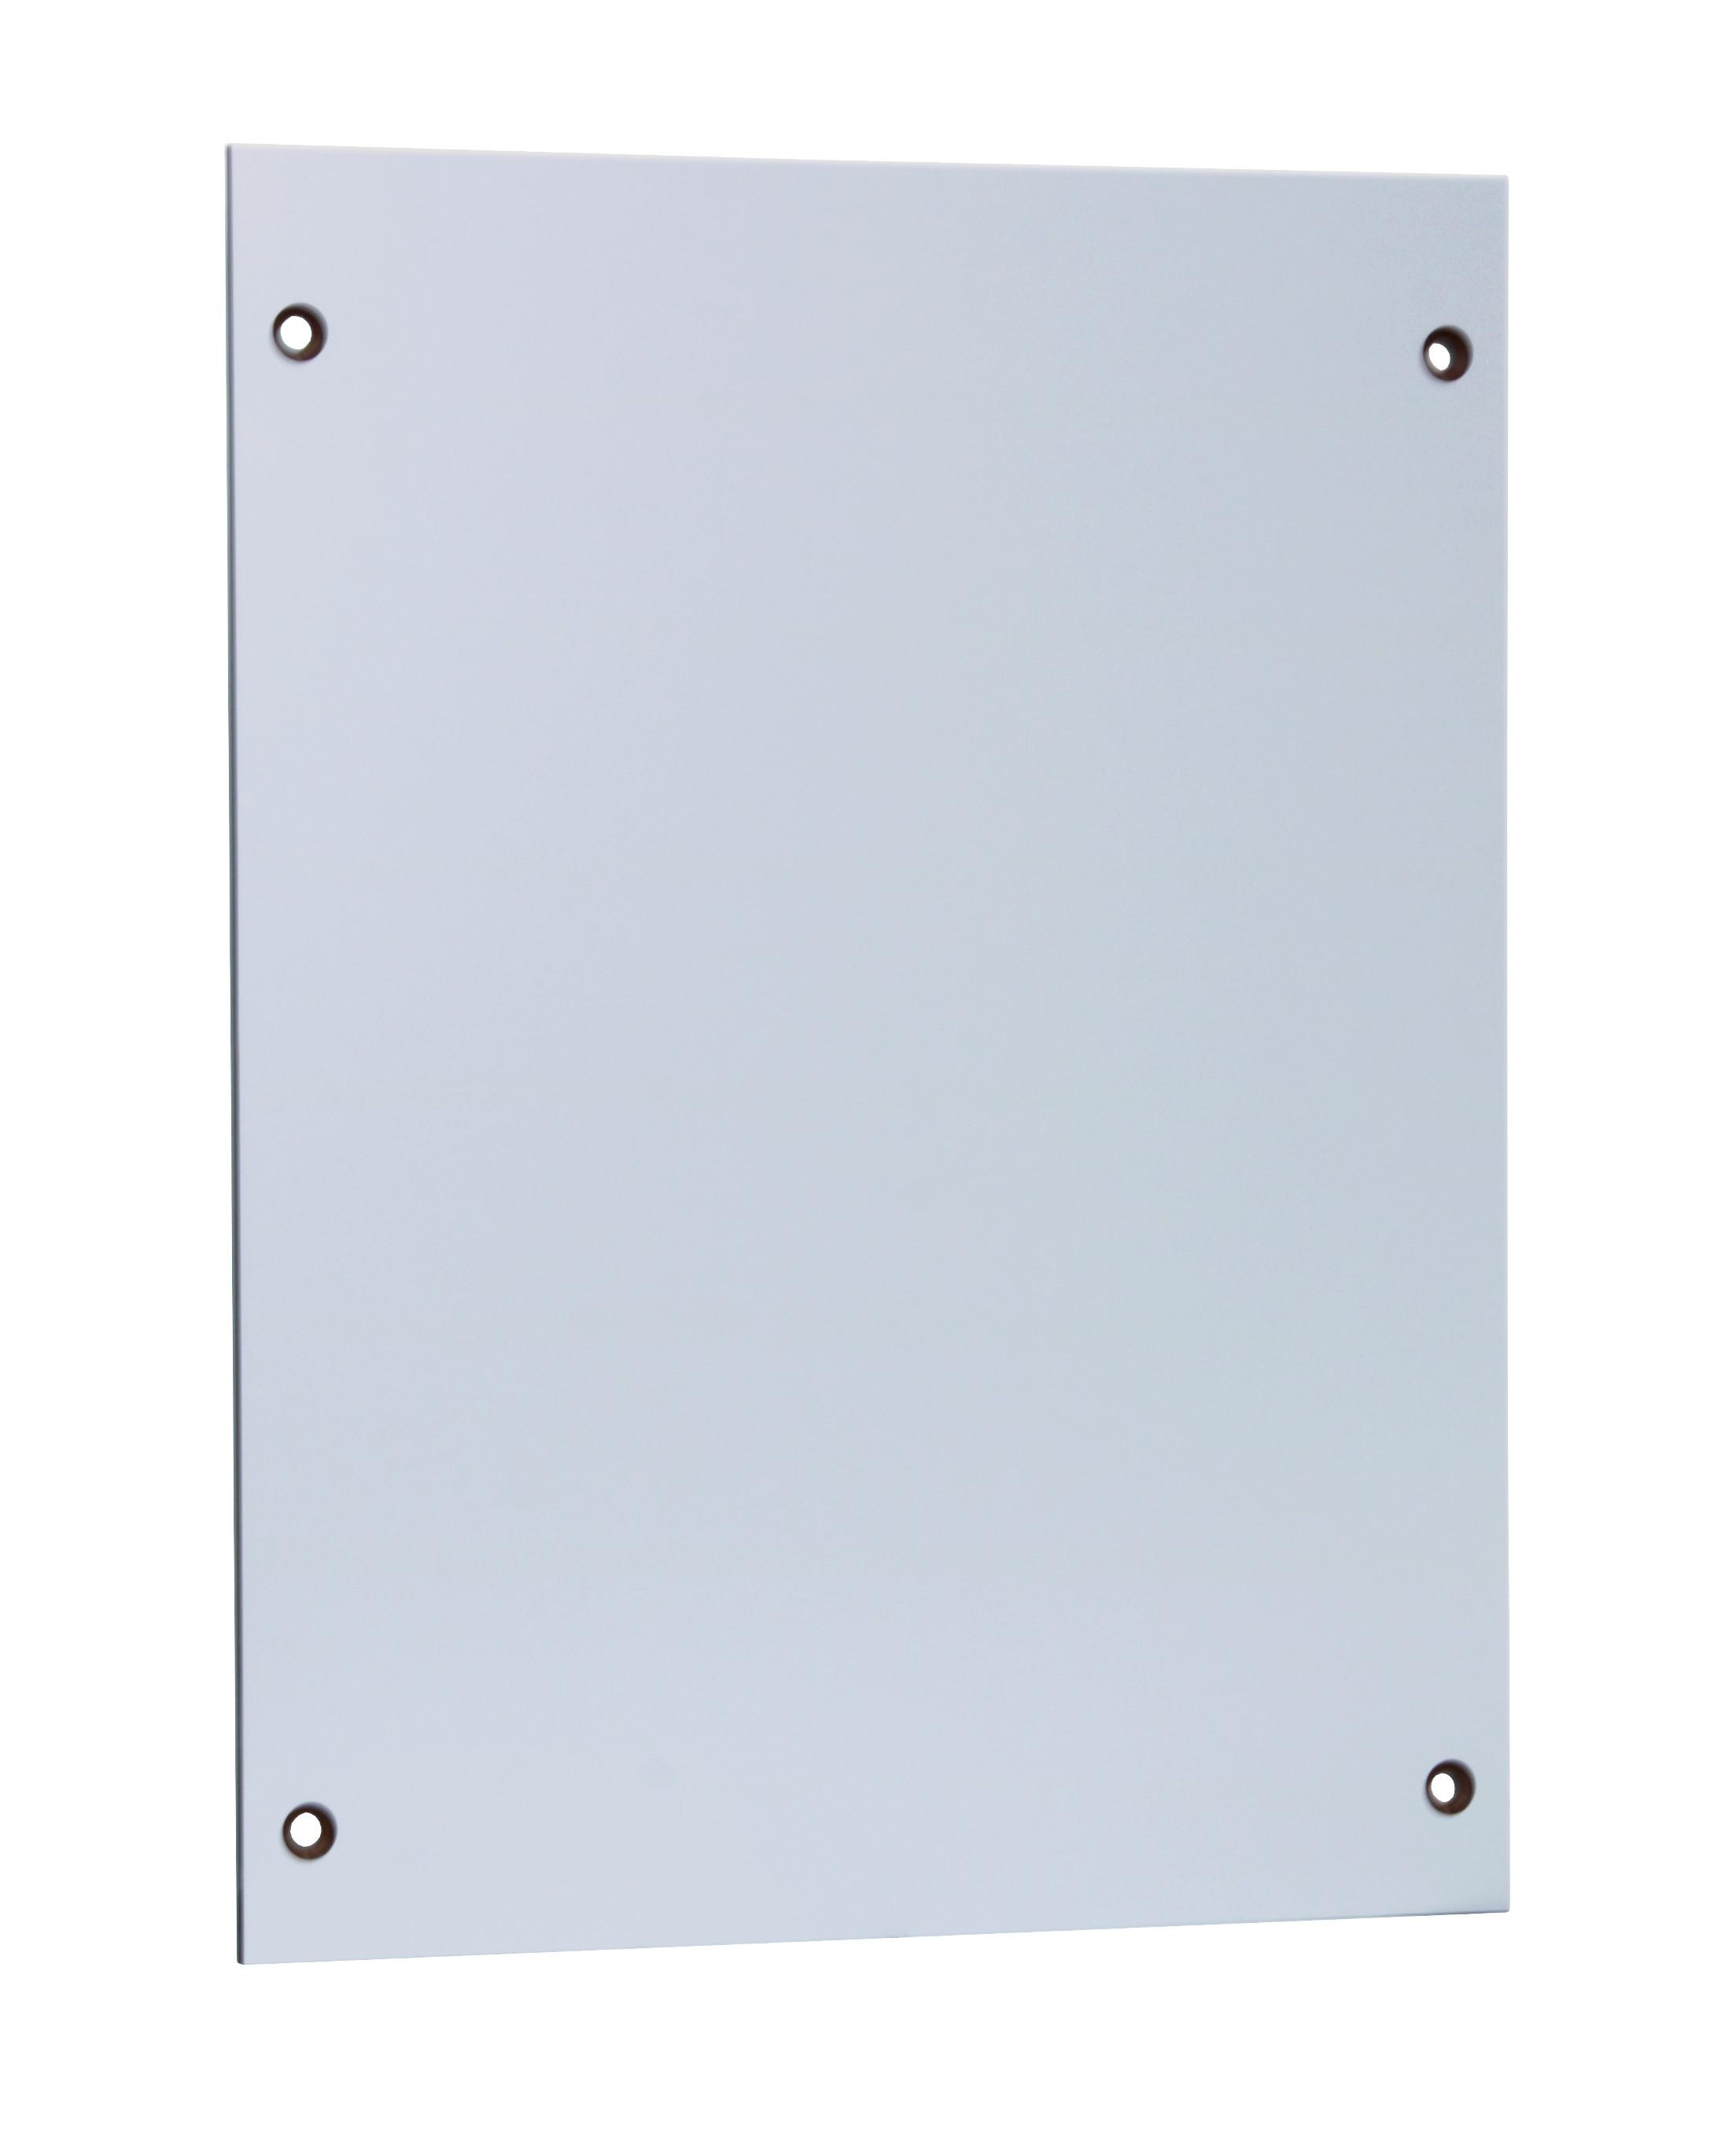 1 Stk Montageplatte für IG009201, 390x900x6mm, Hartpapier IG009221--